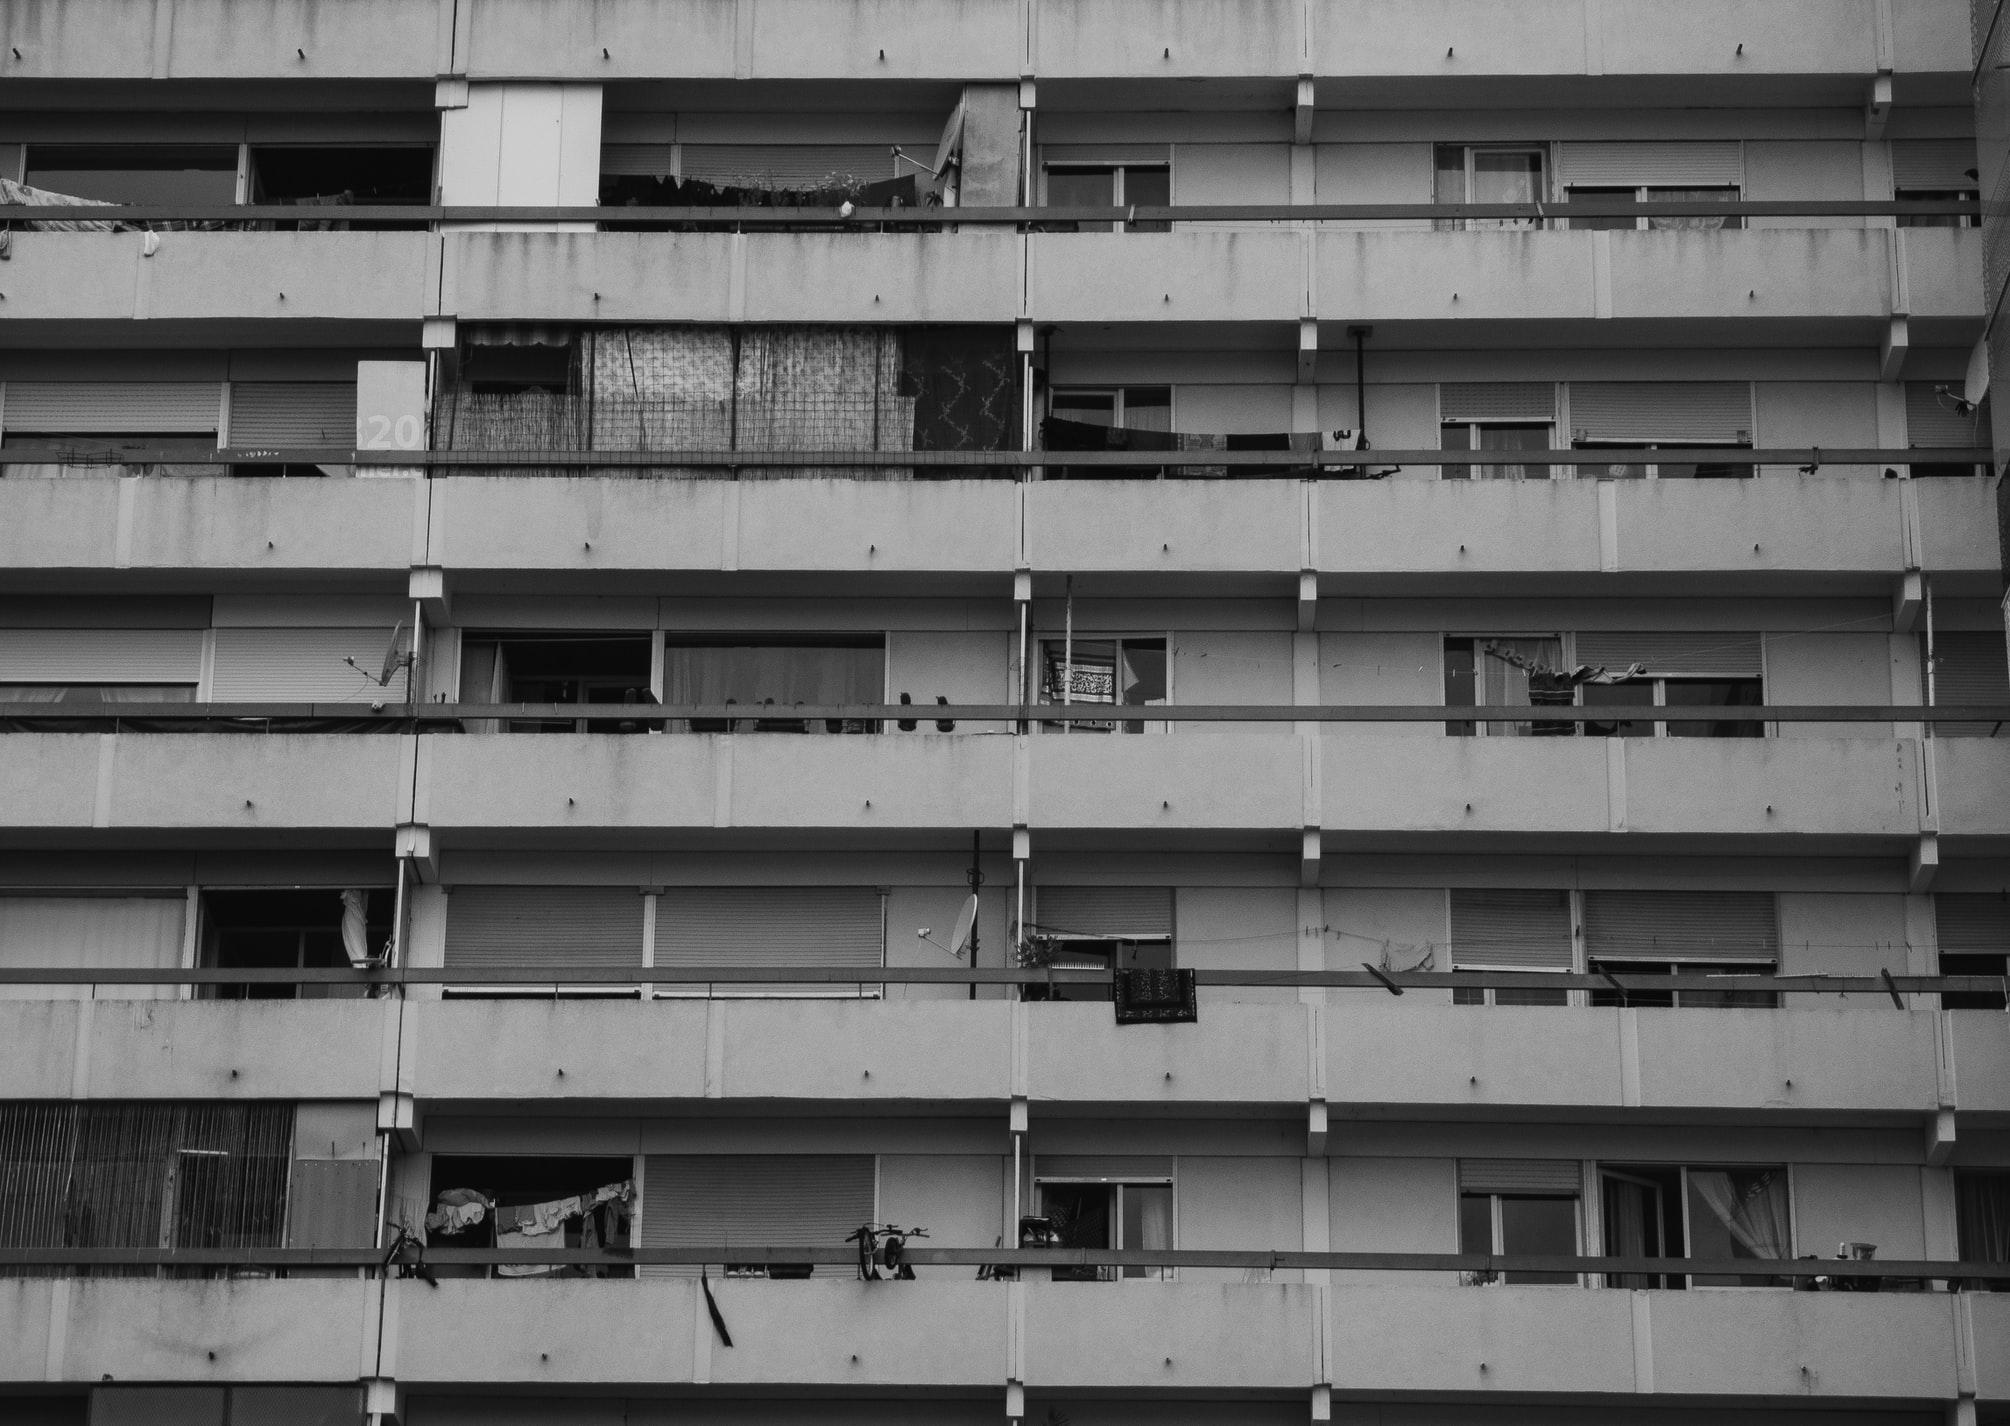 L'obésité a de multiples déterminants dont la majorité ne sont pas physiques. Pour tenter de comprendre les autres ressorts de la maladie, des chercheurs français se sont penchés sur le cadre de vie et sur l'influence du contexte urbain de 70 000 personnes. De quoi inspirer les politiques d'aménagement des quartiers et les stratégies de santé publique.